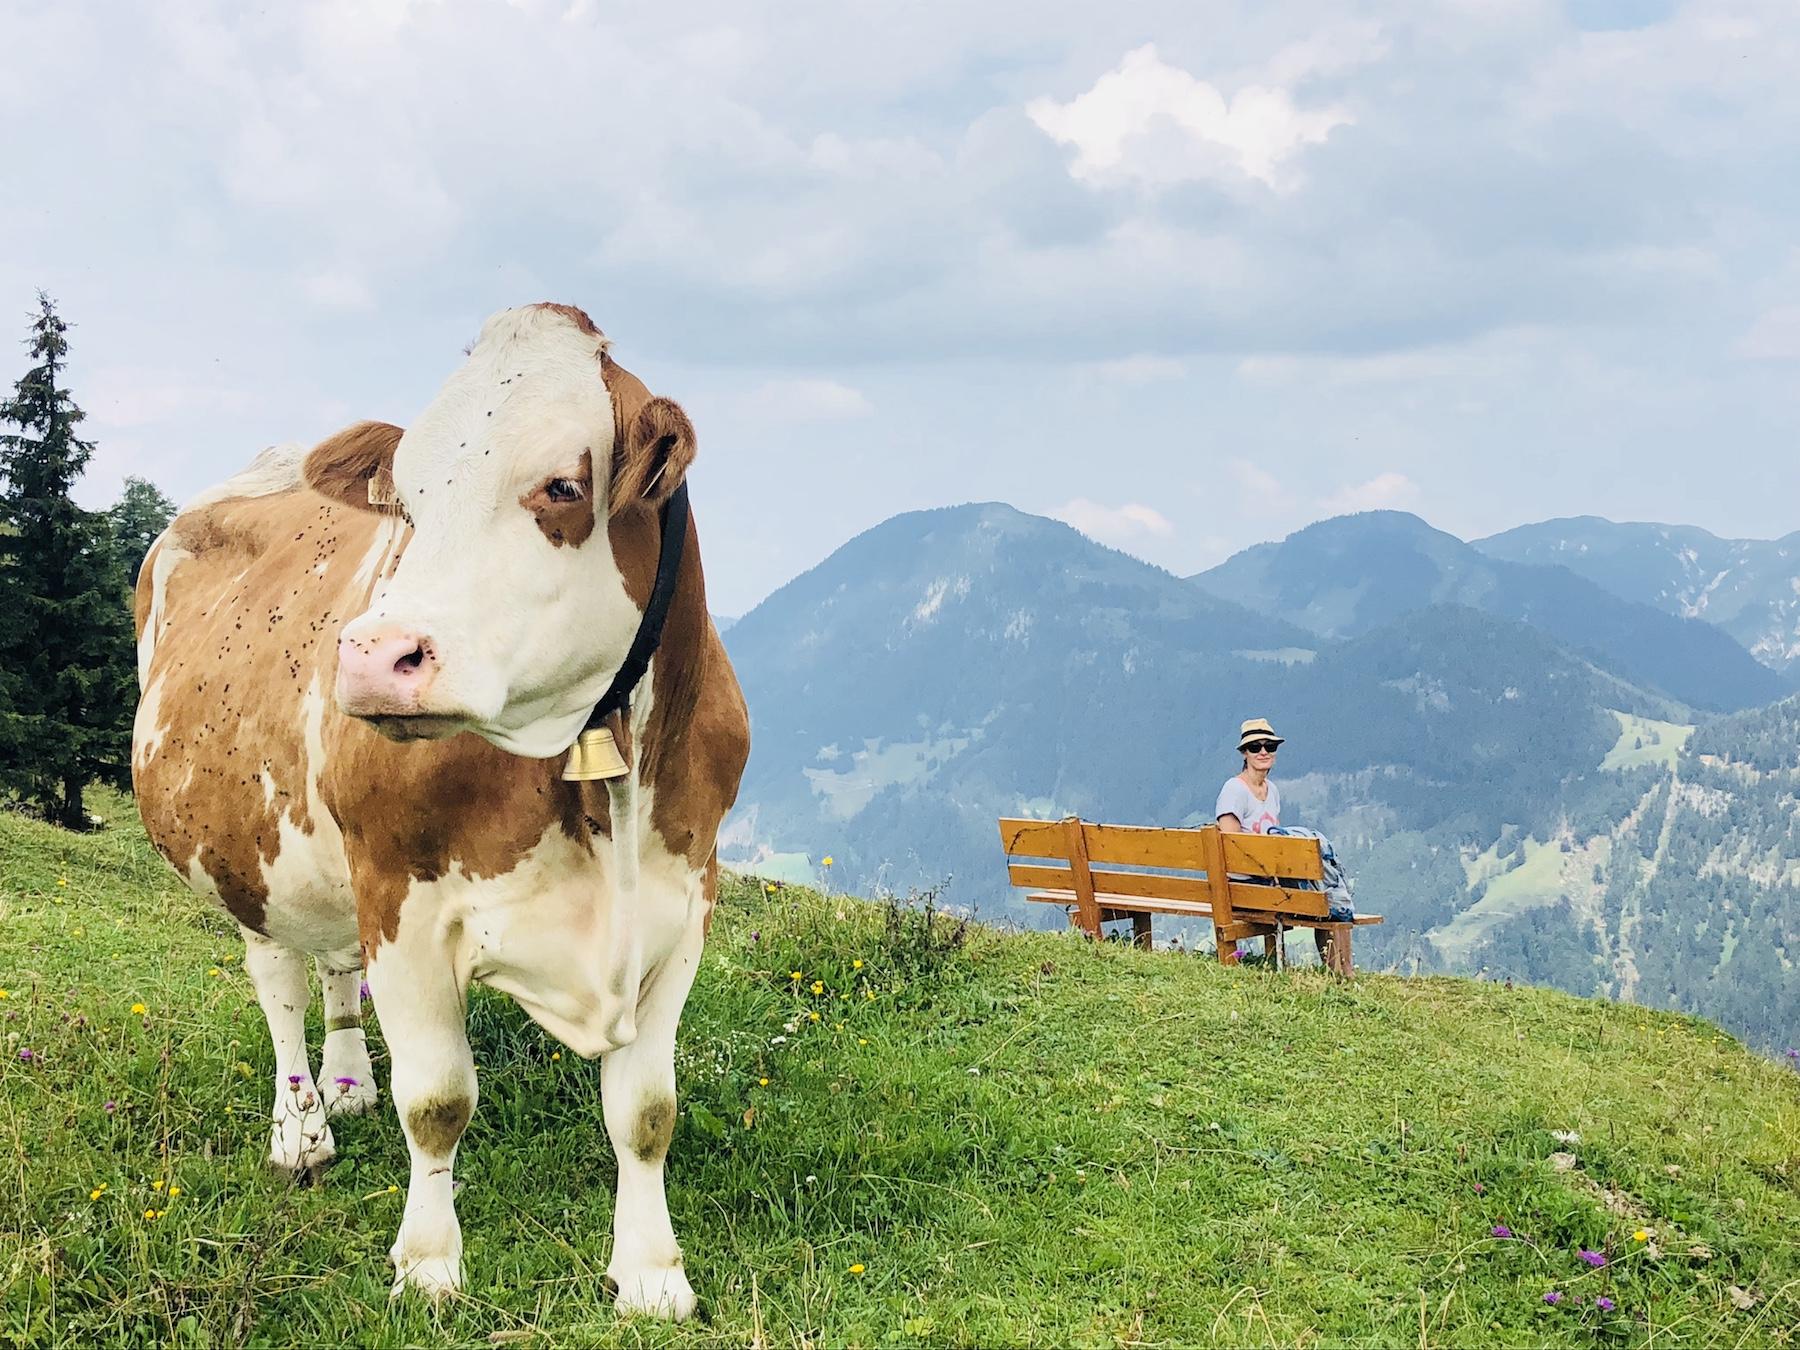 Kuh auf einer Bergwiese im Vordergrund, im Hintergrund eine Frau auf einer Bank sitzend, den Ausblick genießend, Tirol, Österreich